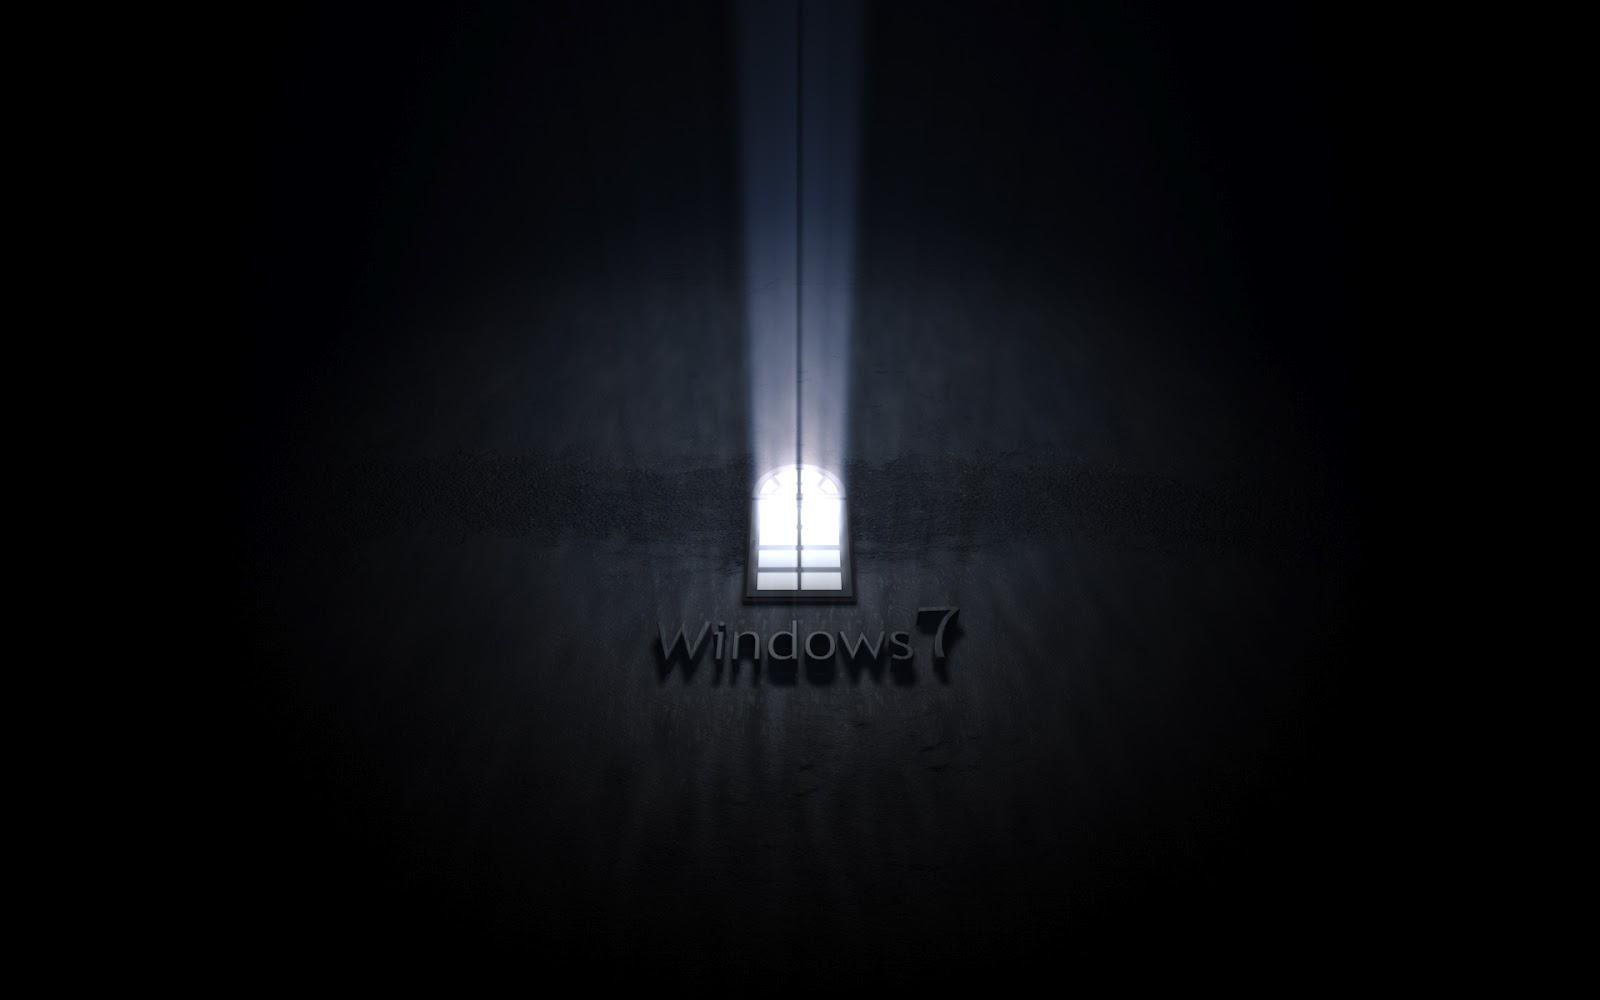 http://3.bp.blogspot.com/-OtiZk4sz9ZM/T4Ks1ff0weI/AAAAAAAAENo/E-EKPj1IfDA/s1600/Windows7_Wallpaper_B_by_MrVH.jpg